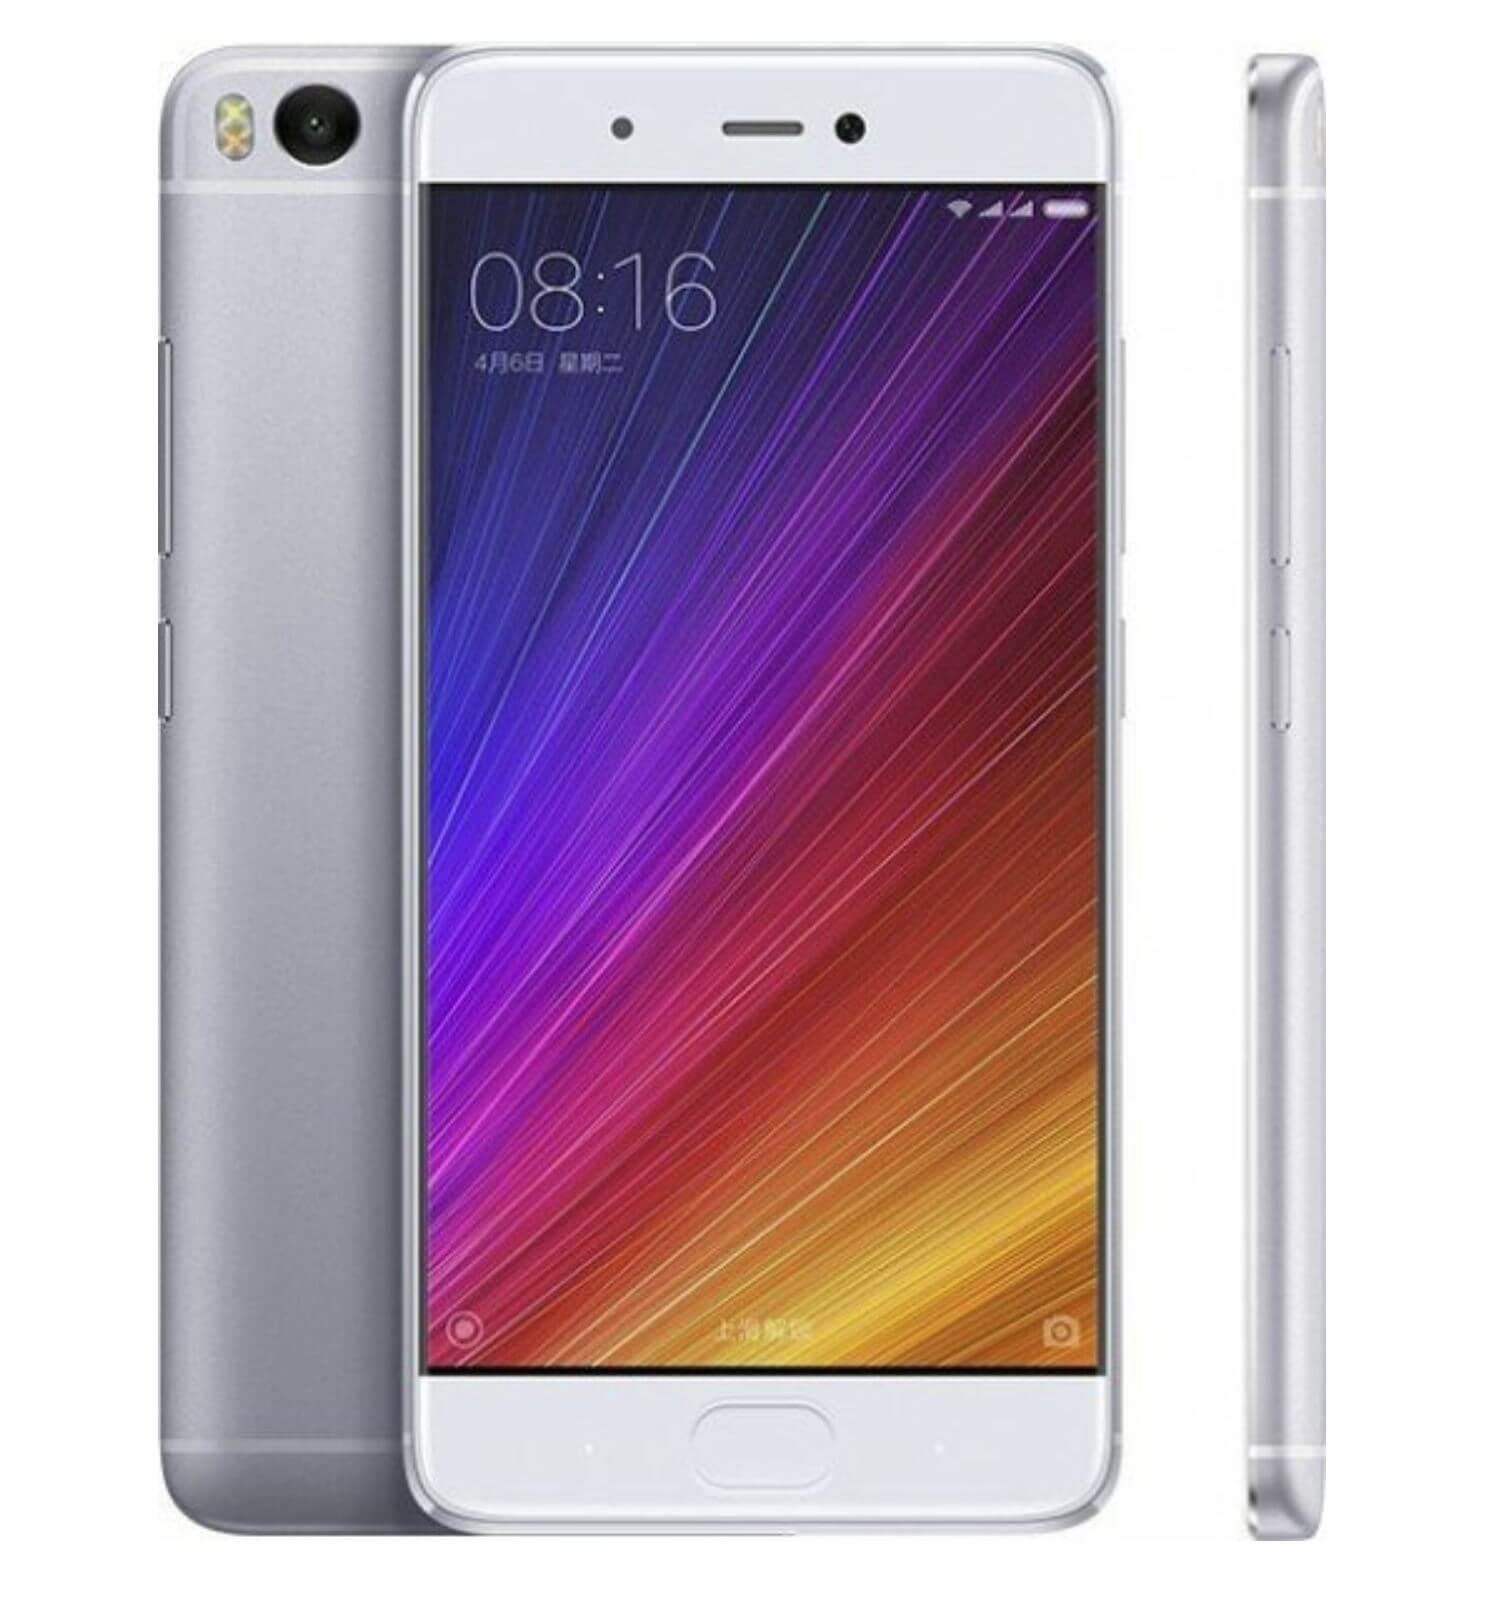 Xiaomi Mi 5s